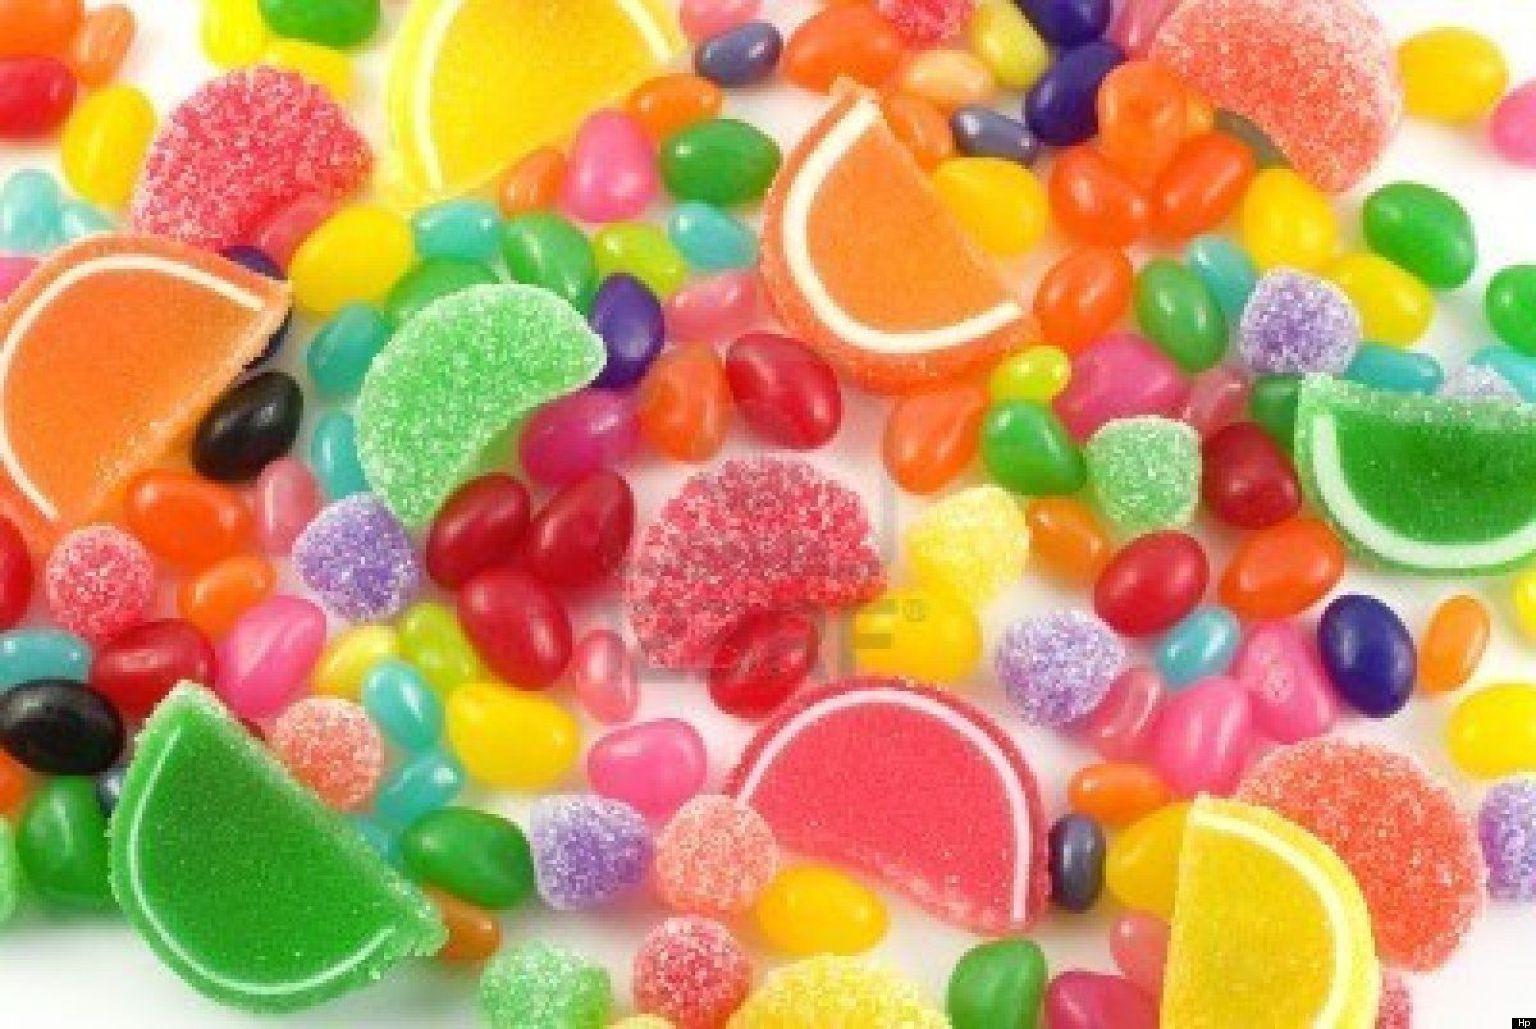 Pericolo soffocamento, dalle caramelle alle monete: i sei ...